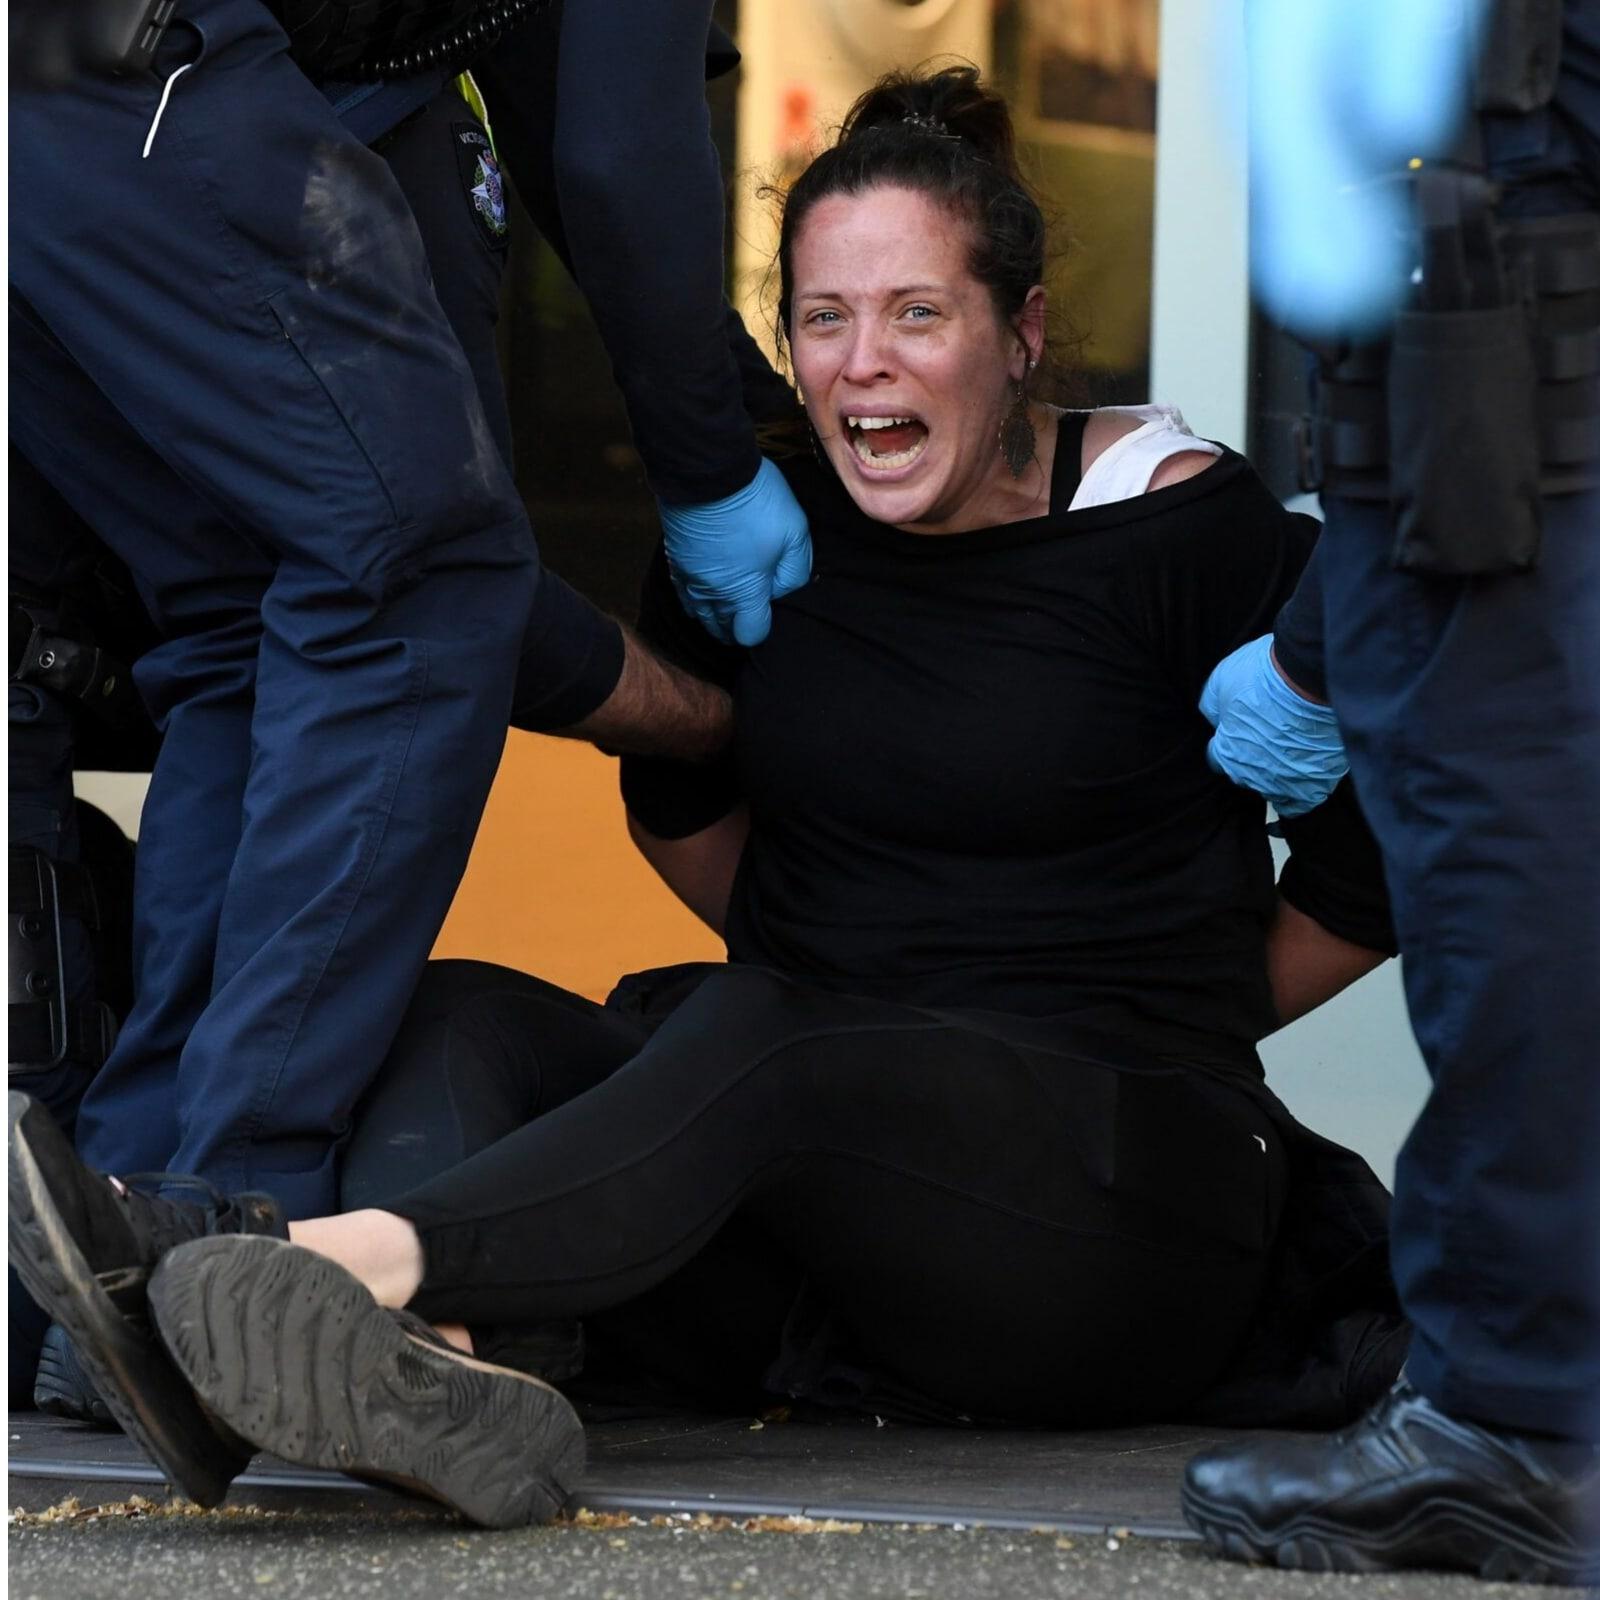 दूसरी तरफ, मेलबर्न (melbourne) में तेज हाेते प्रदर्शन को रोकने के लिए पुलिस ने बुधवार को प्रदर्शनकारियों पर रबर की गोलियां दागीं. इस दौरान पुलिस और कर्मचारियों के बीच हिंसक झड़प भी हुई. अब तक इसमें 72 लोगों को गिरफ्तार किया गया है.